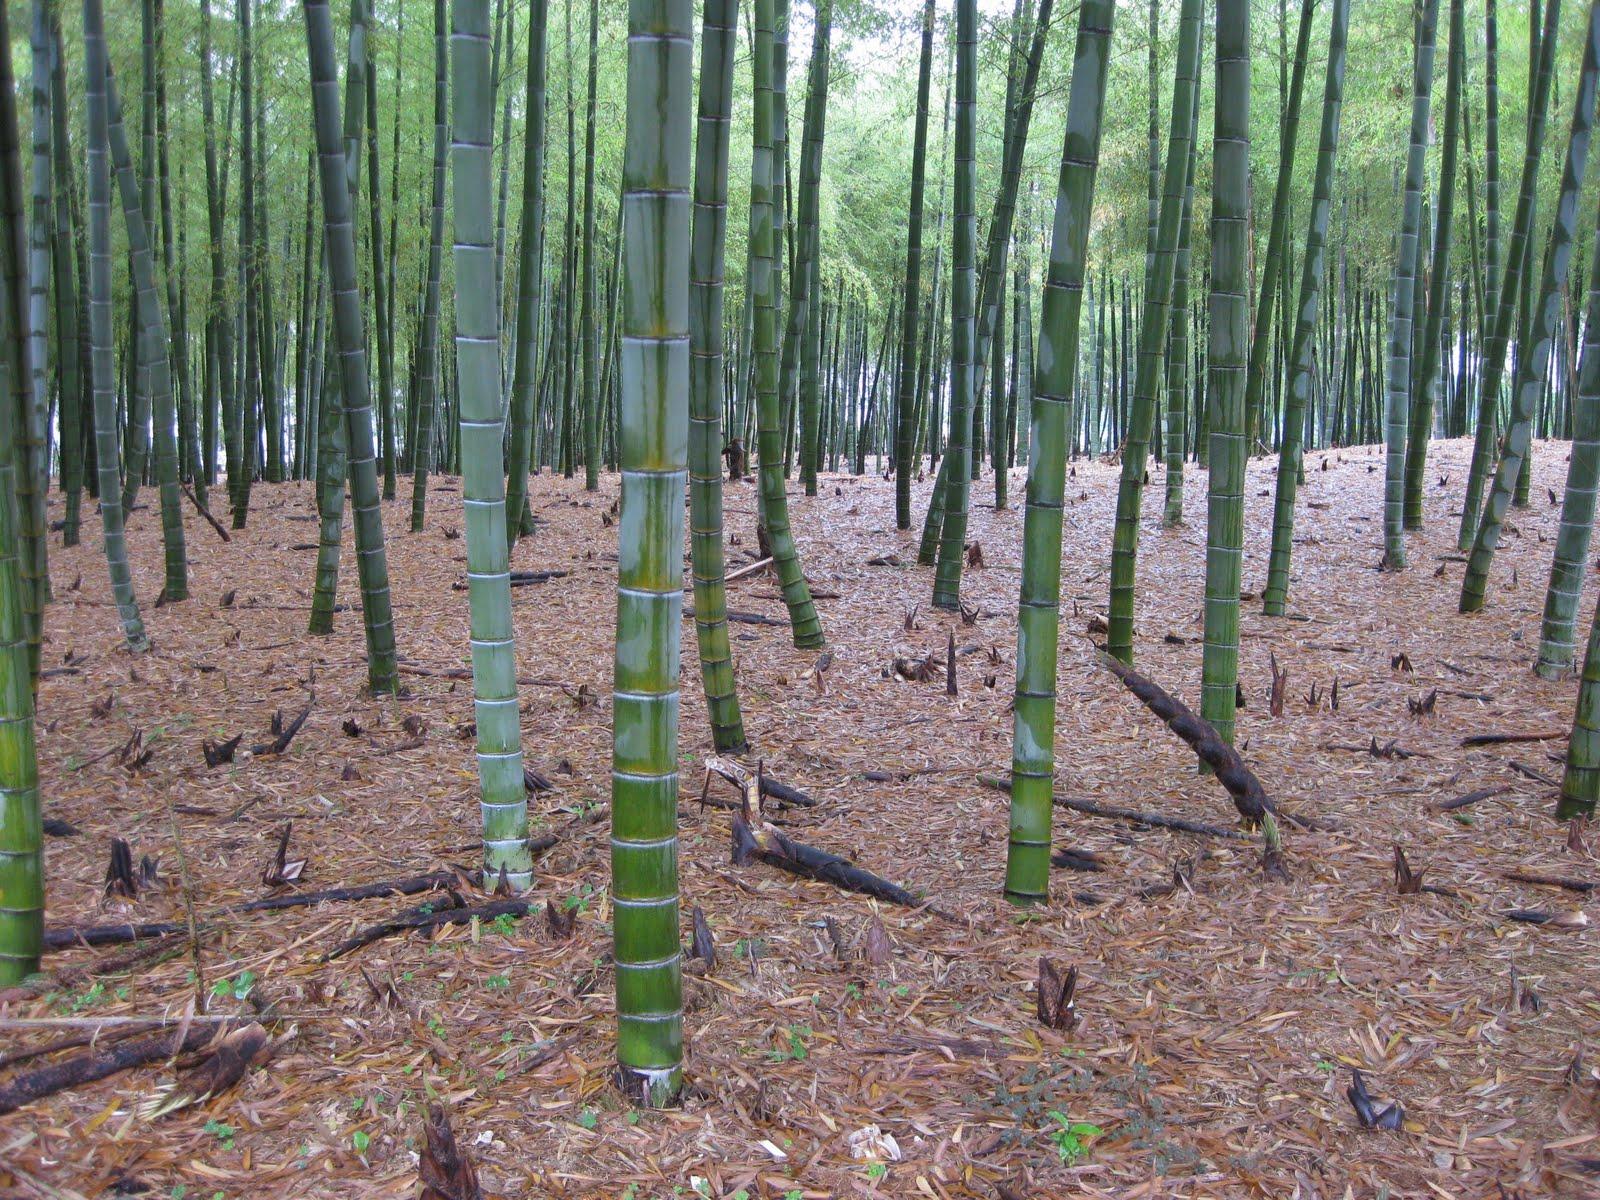 Coltivare Bamb Gigante In Italia.Lavori Veri